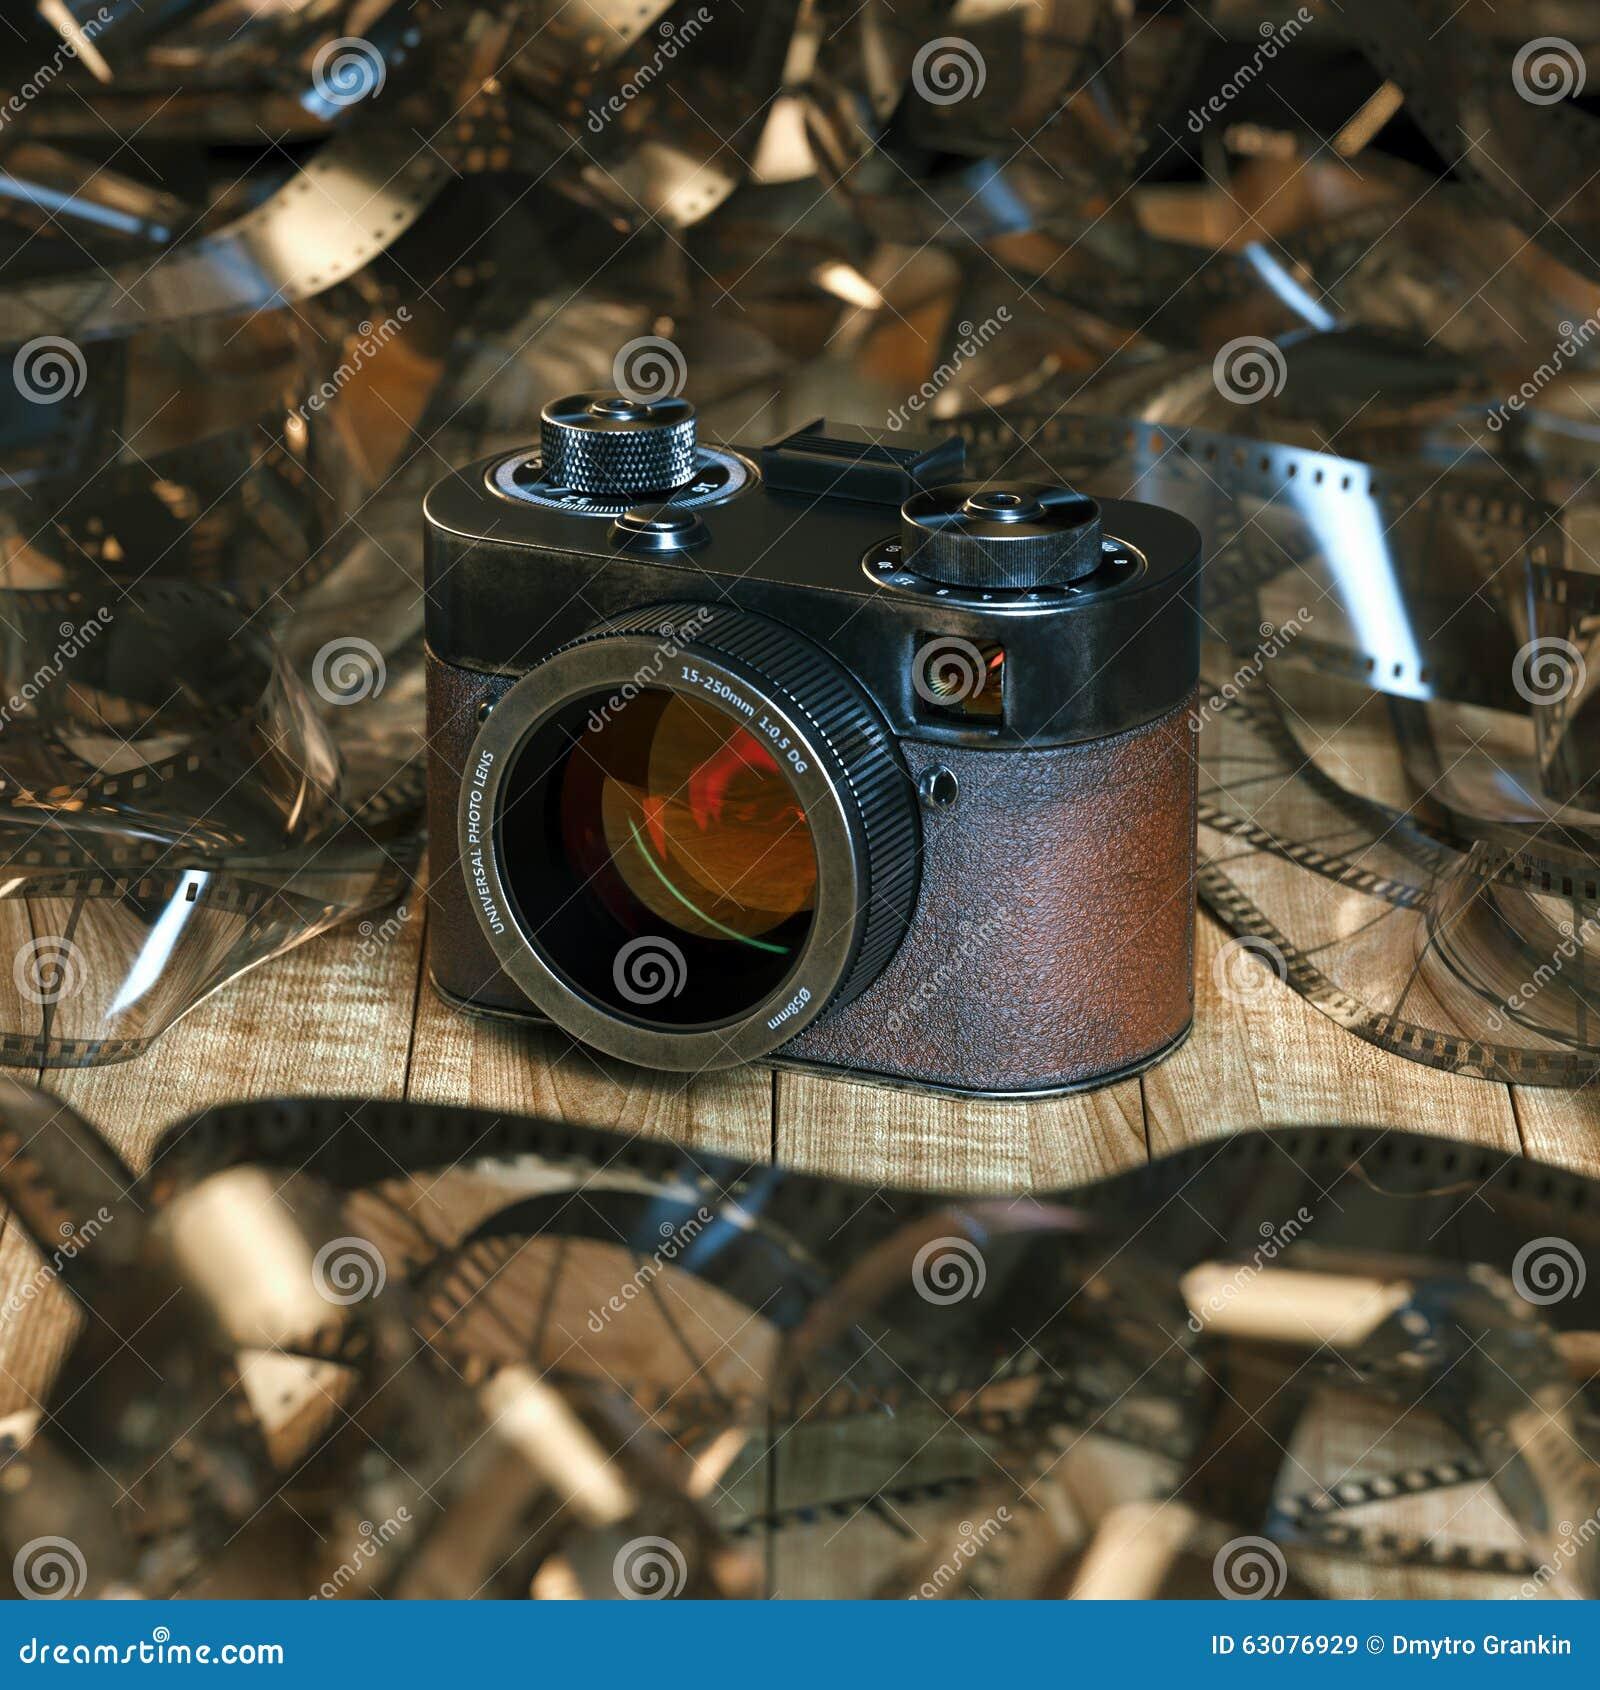 Download Appareil-photo De Photo De Vintage Sur La Table En Bois Dans La Perspective Du Fil Image stock - Image du abstrait, photographique: 63076929